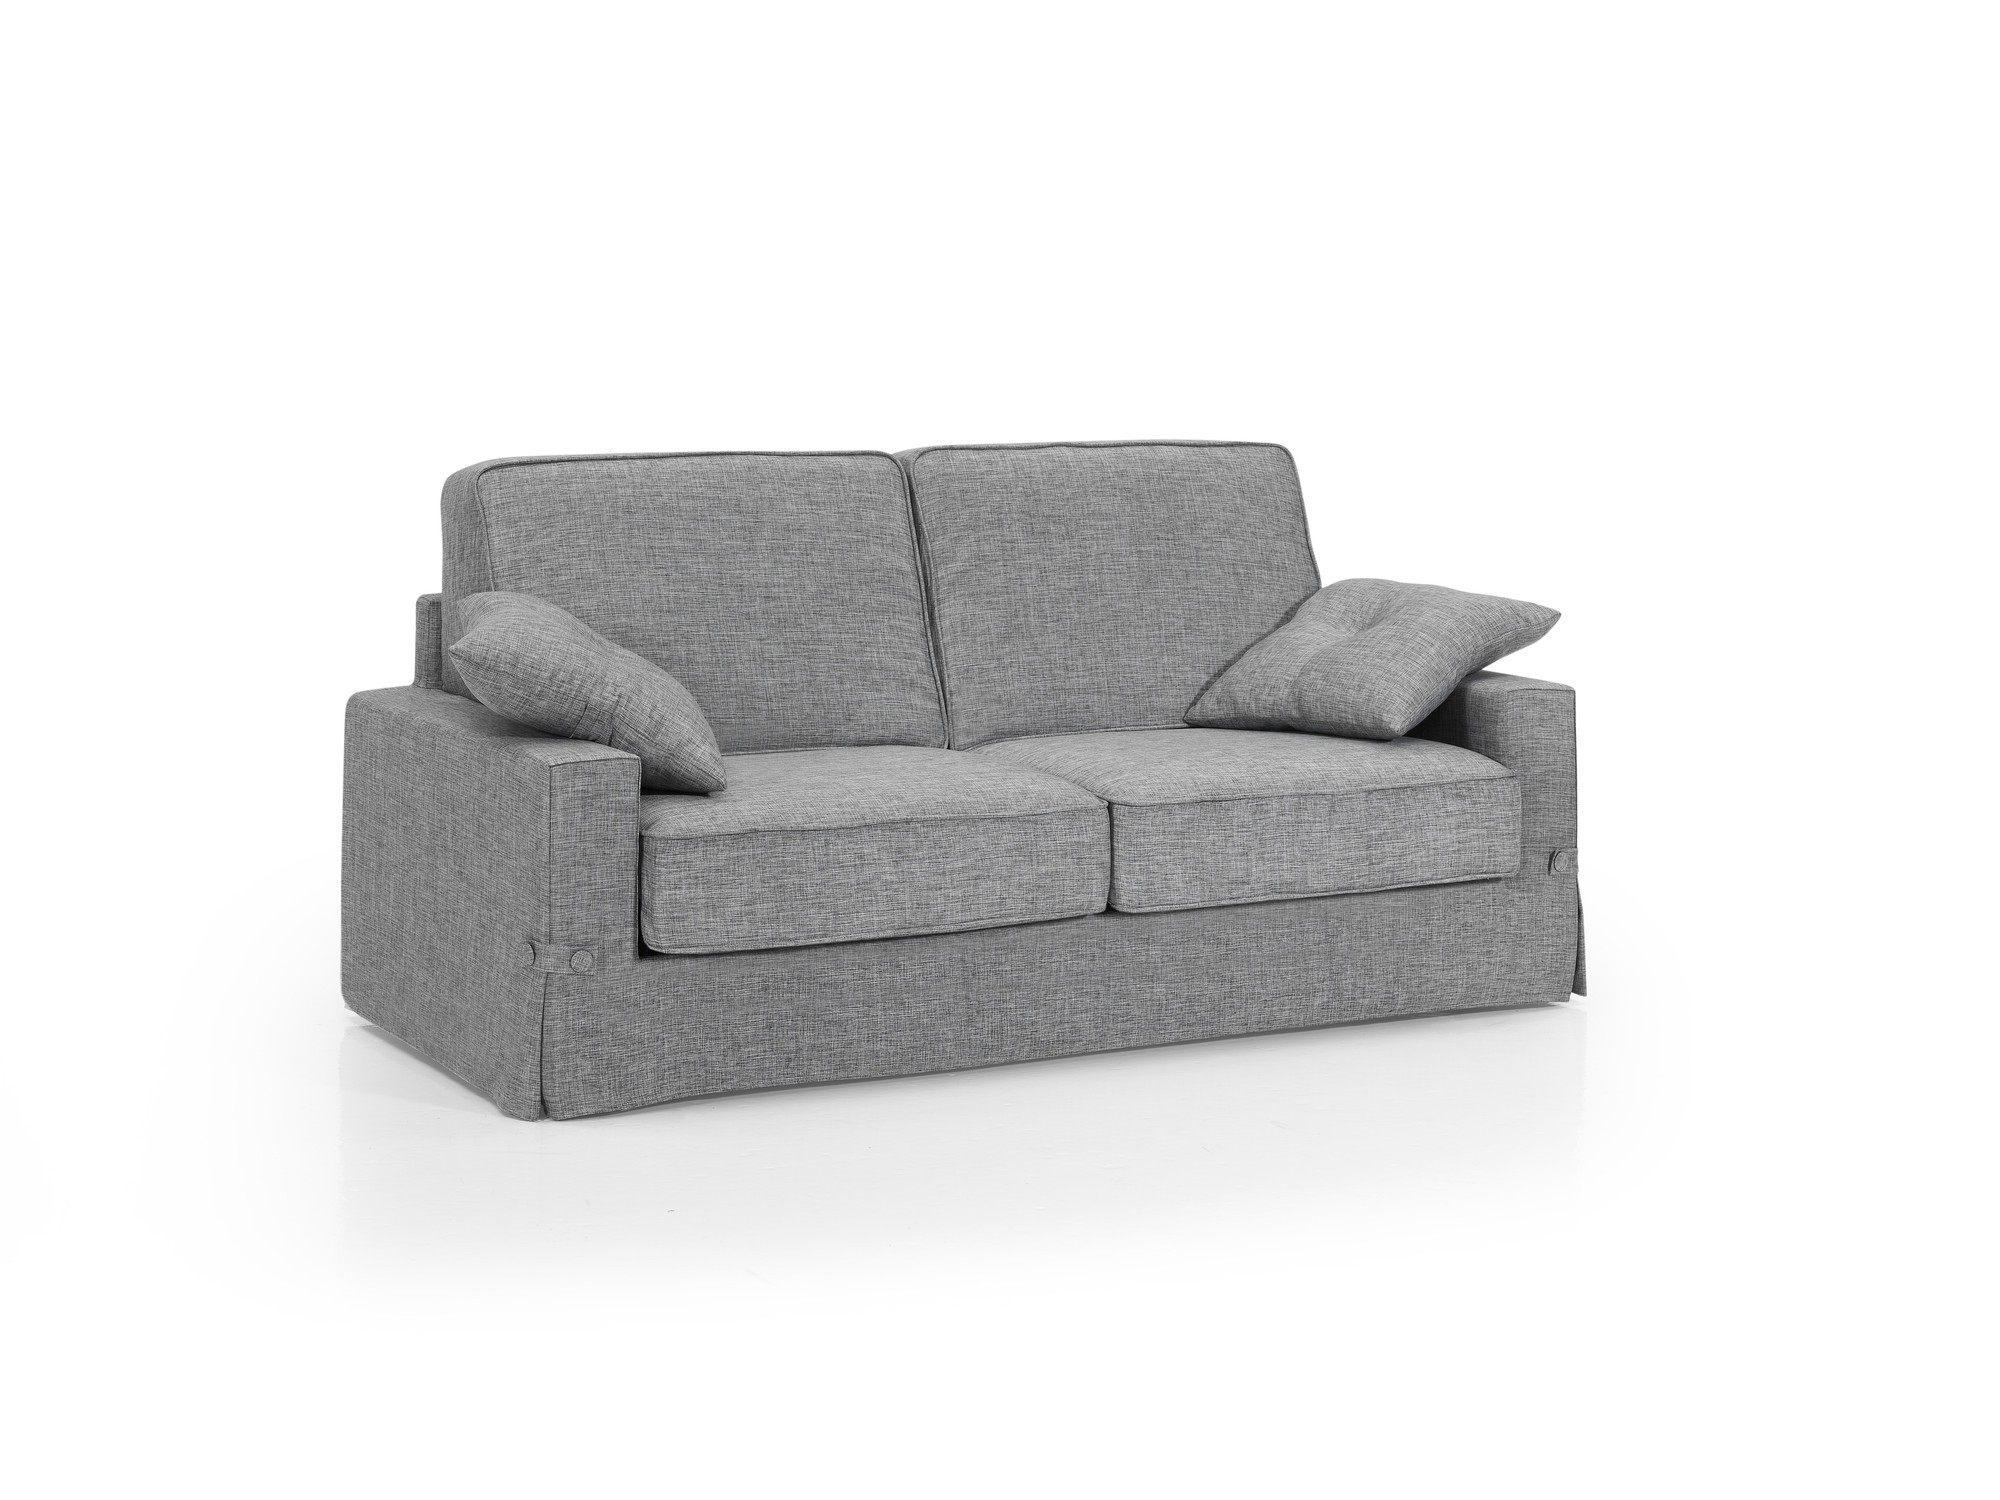 Lit Conforama 1 Place Luxe élégant Canapé Lit 1 Place Conforama Ou 45 Idées Canapé Convertible